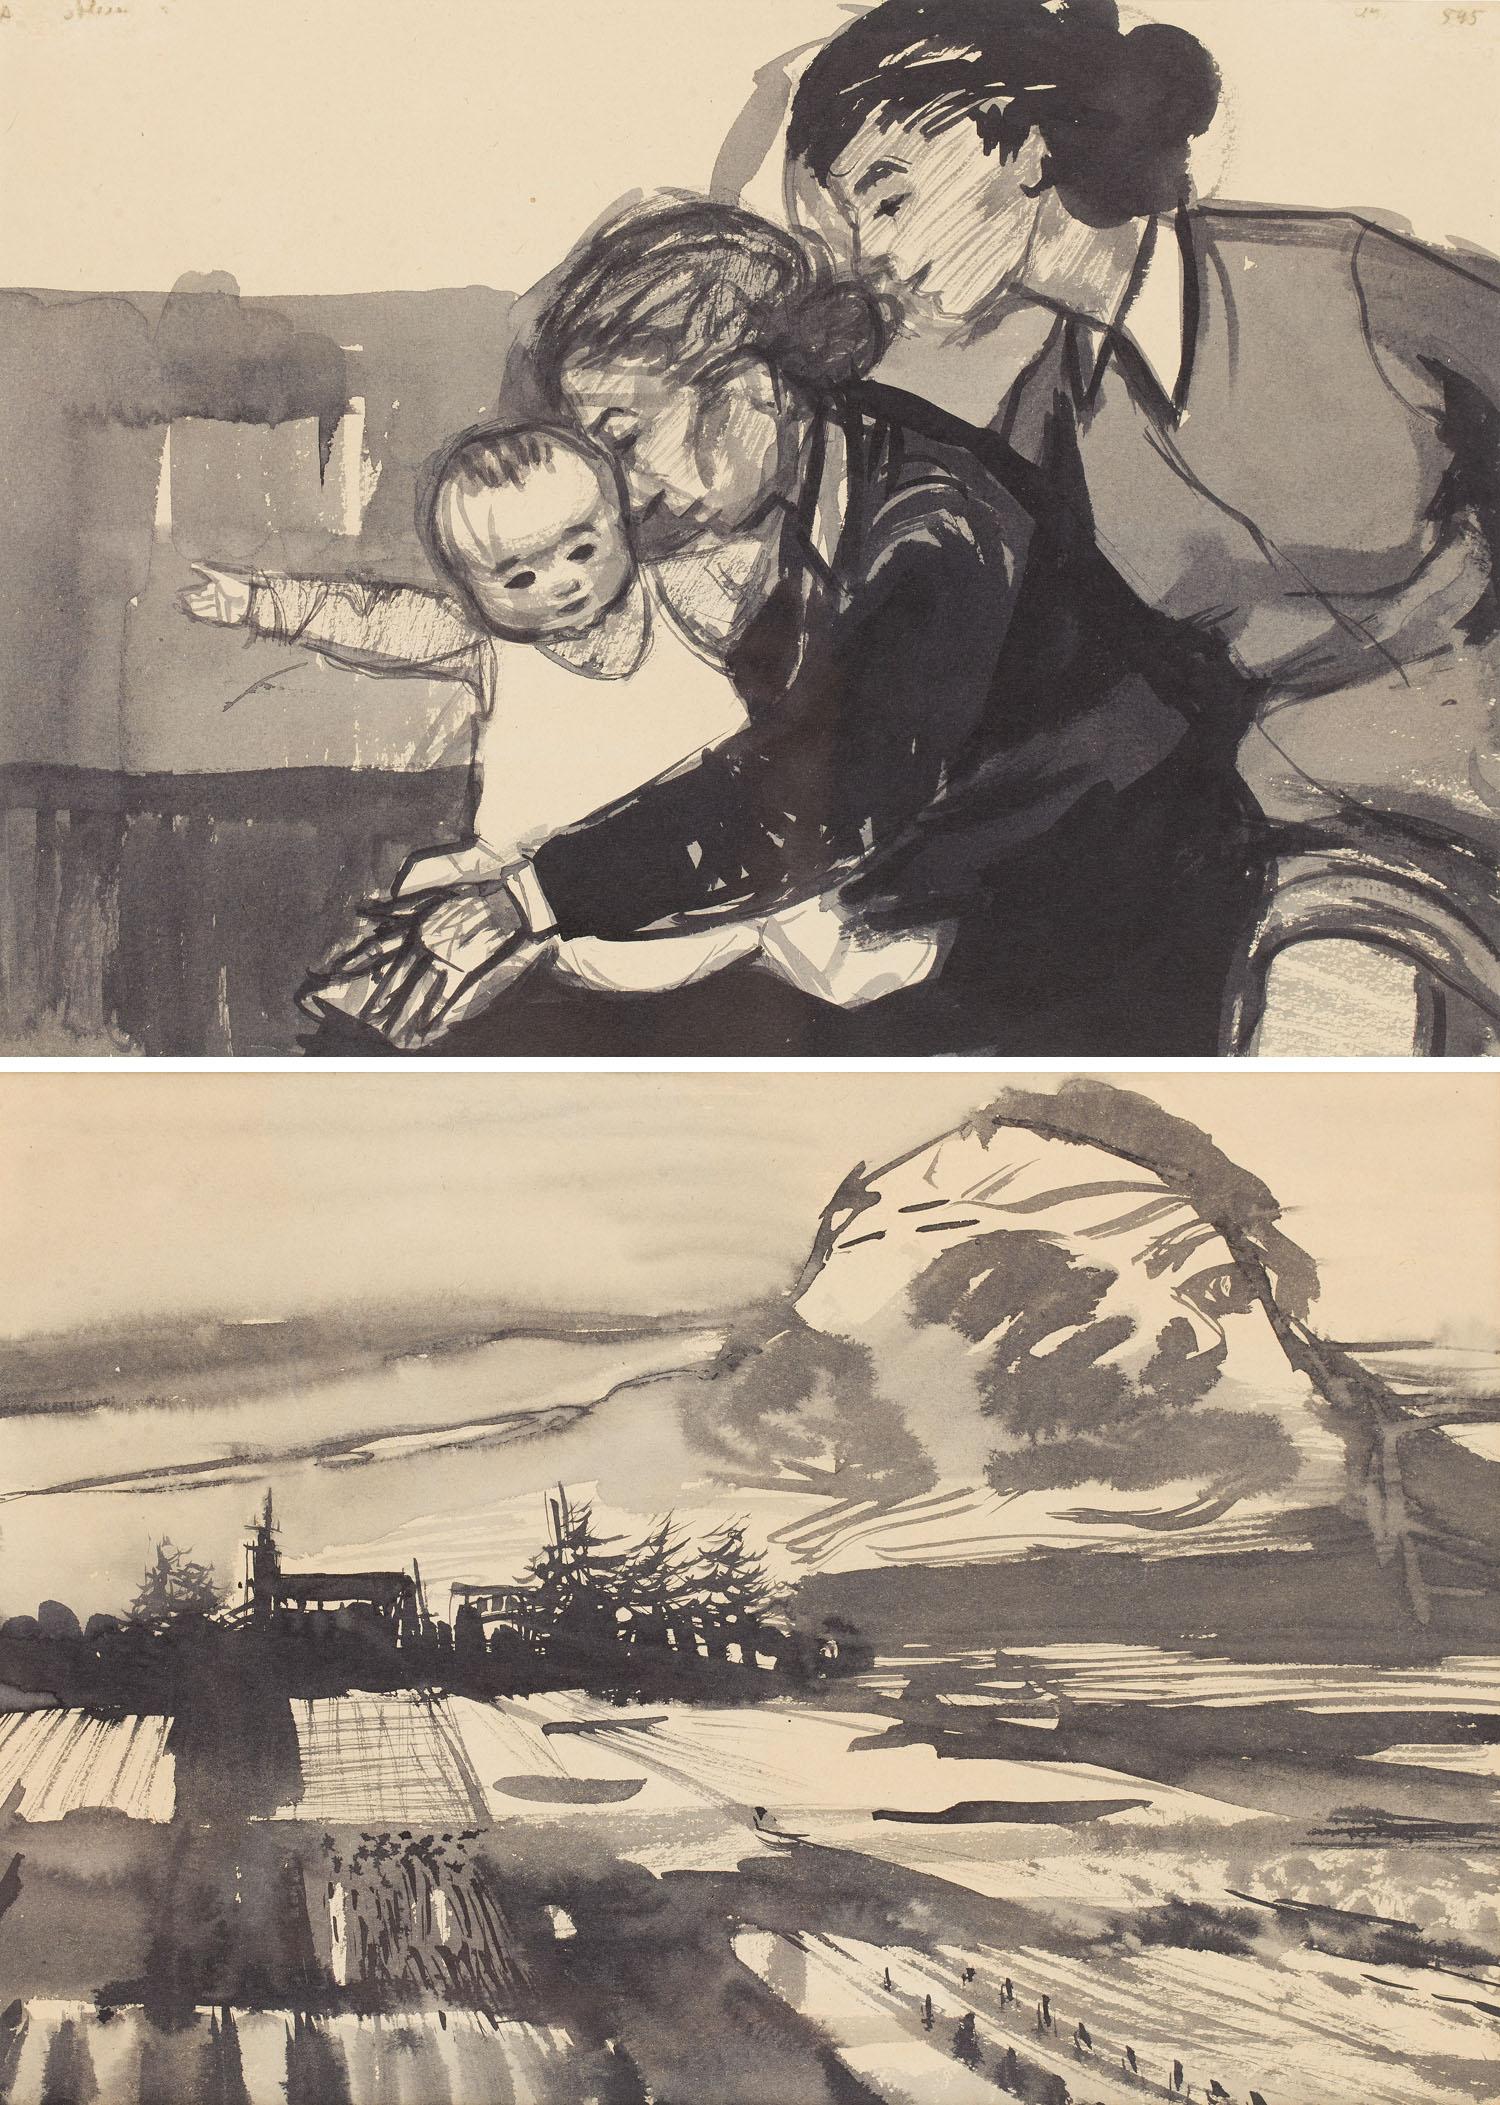 Praca dwustronna: [Kobiety z dzieckiem, Kompozycja figuralna nr 545] na odwrociu [Pejzaż z chmurą, Pejzaż nr 545], około 1954 r.